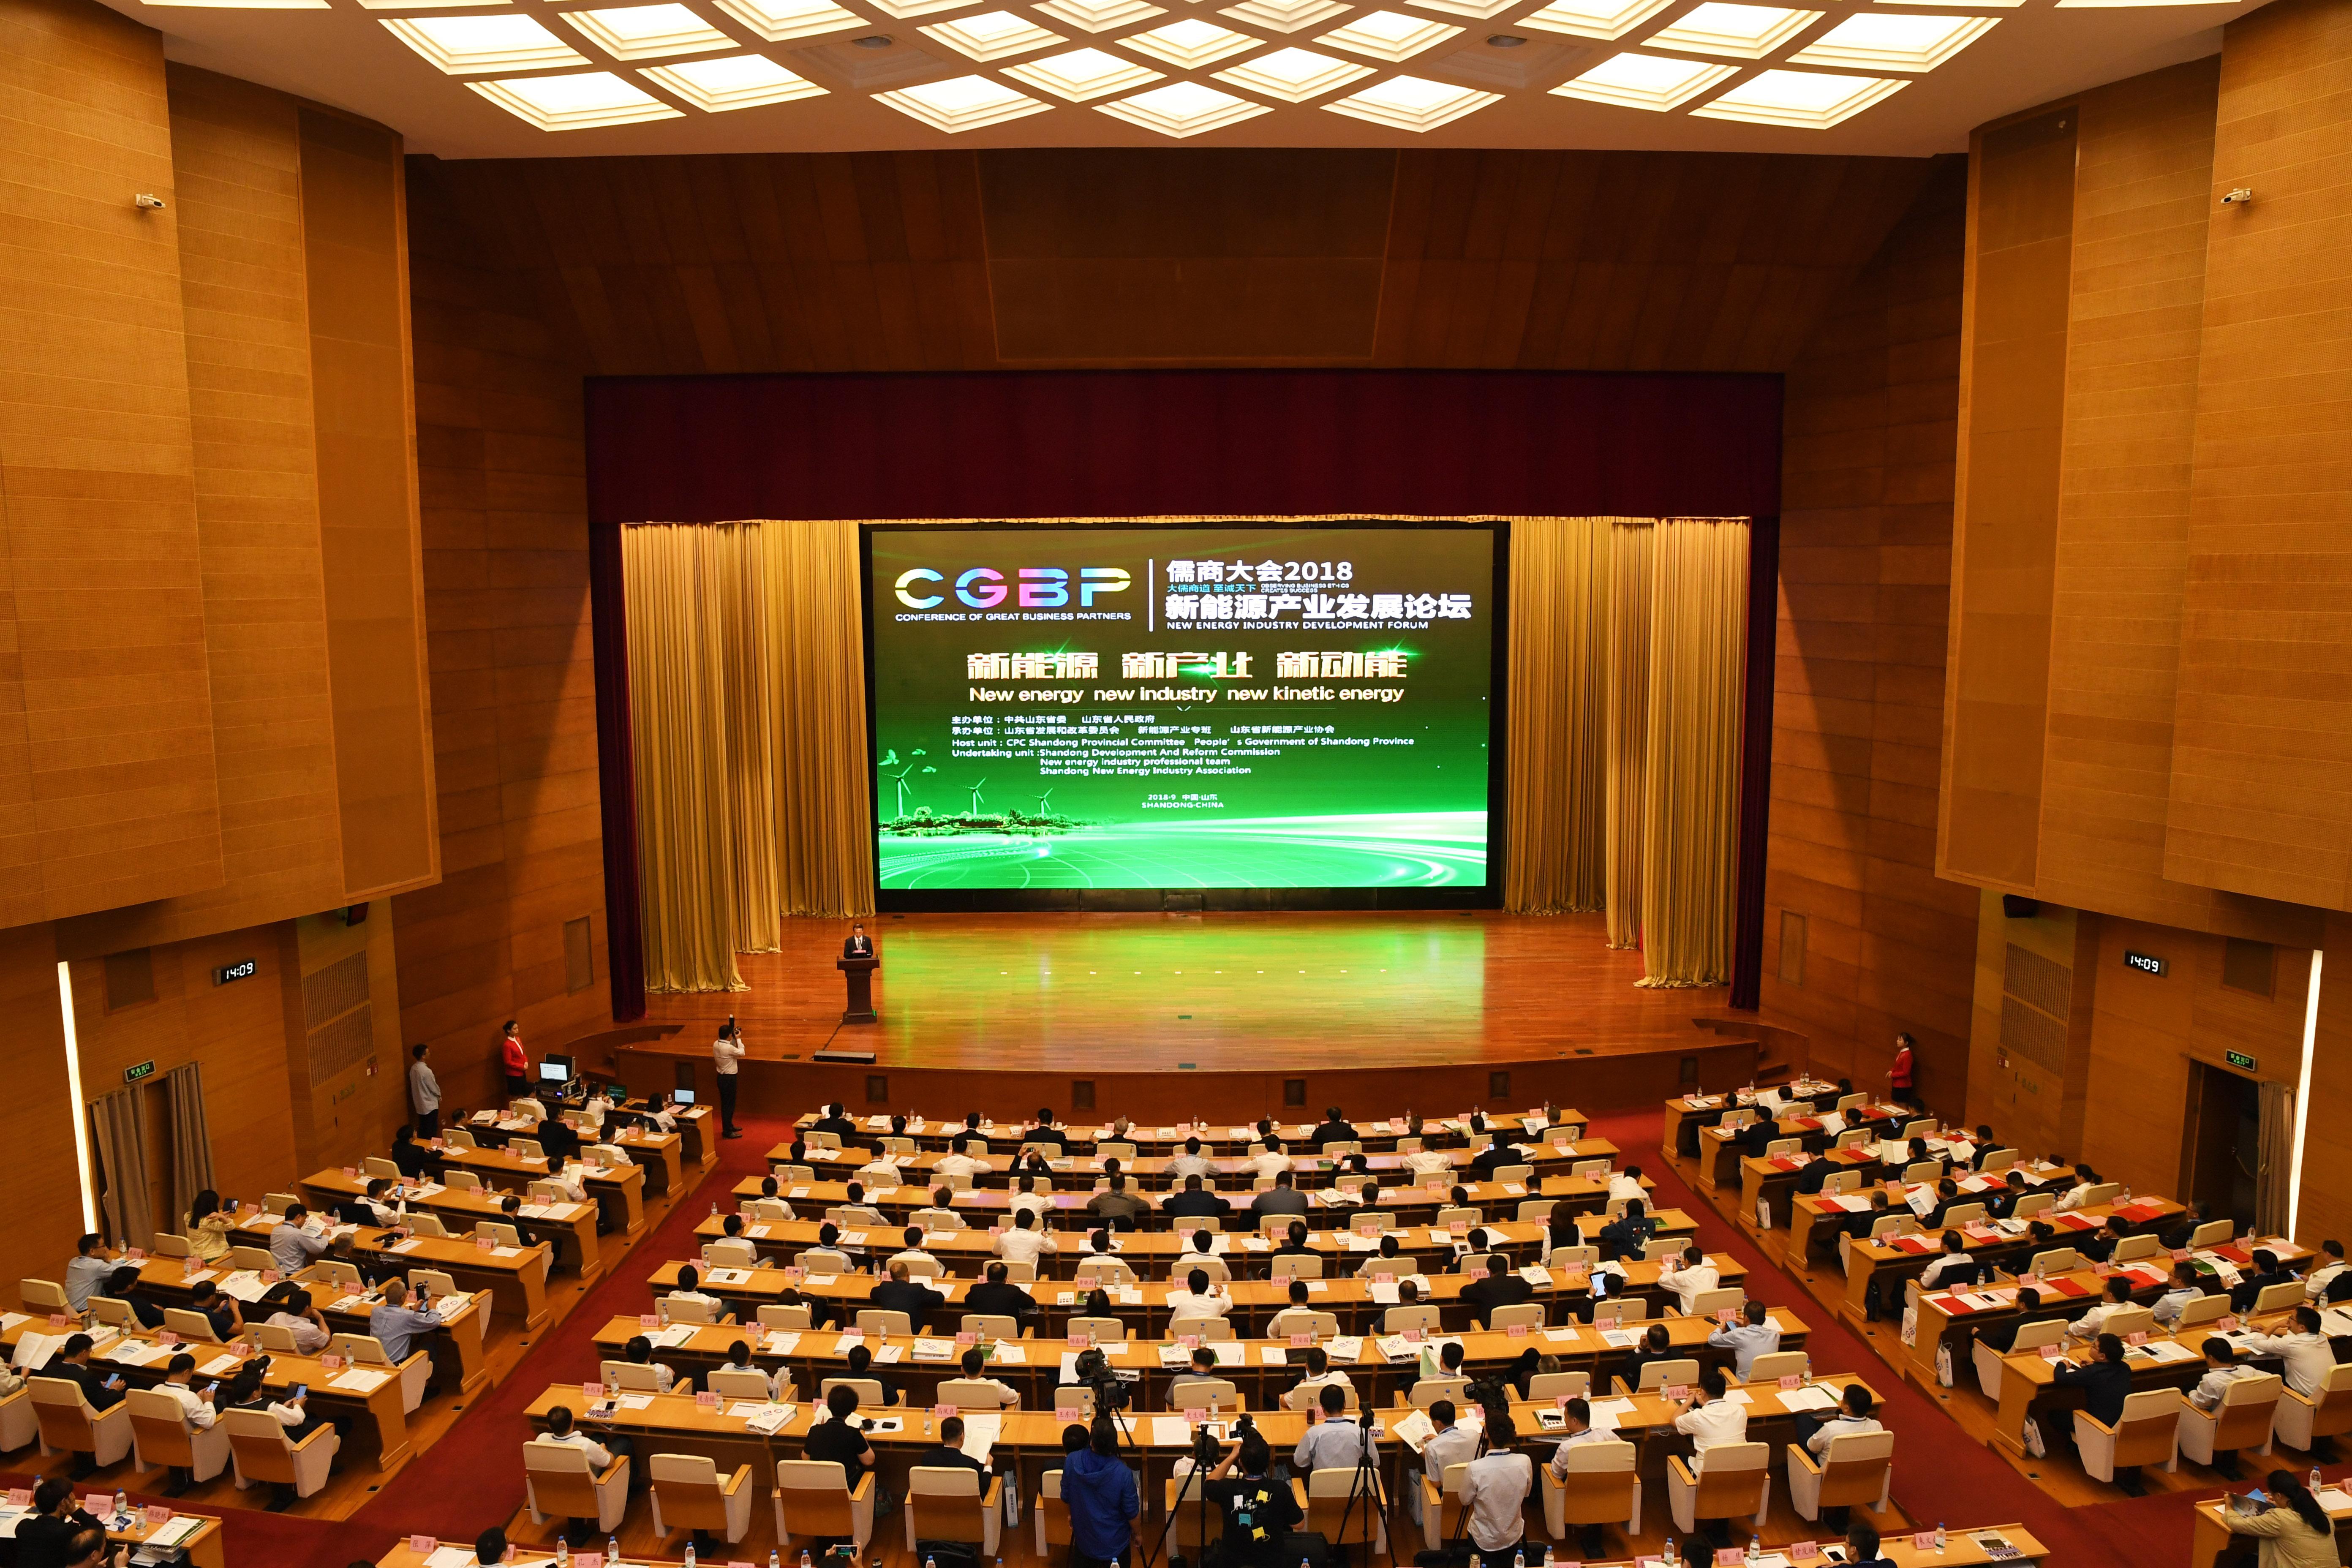 儒商大会2018新能源产业发展论坛在济南举行